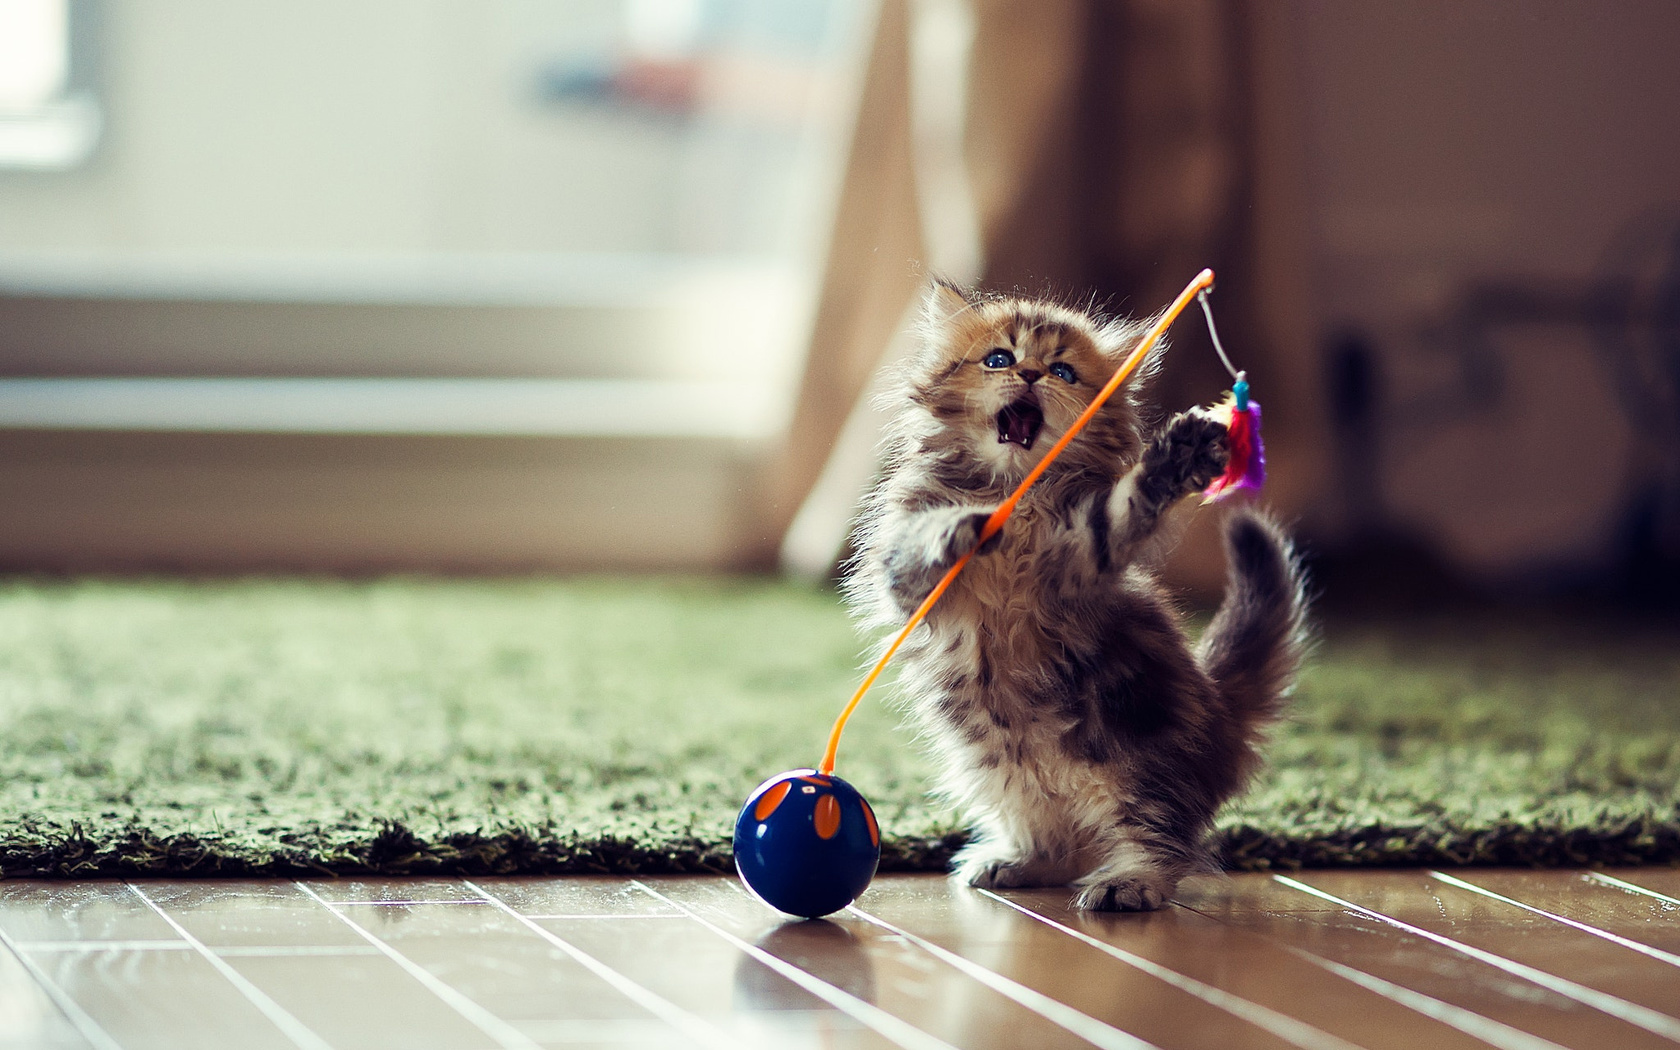 Картинках, самый красивый котенок картинки смешные